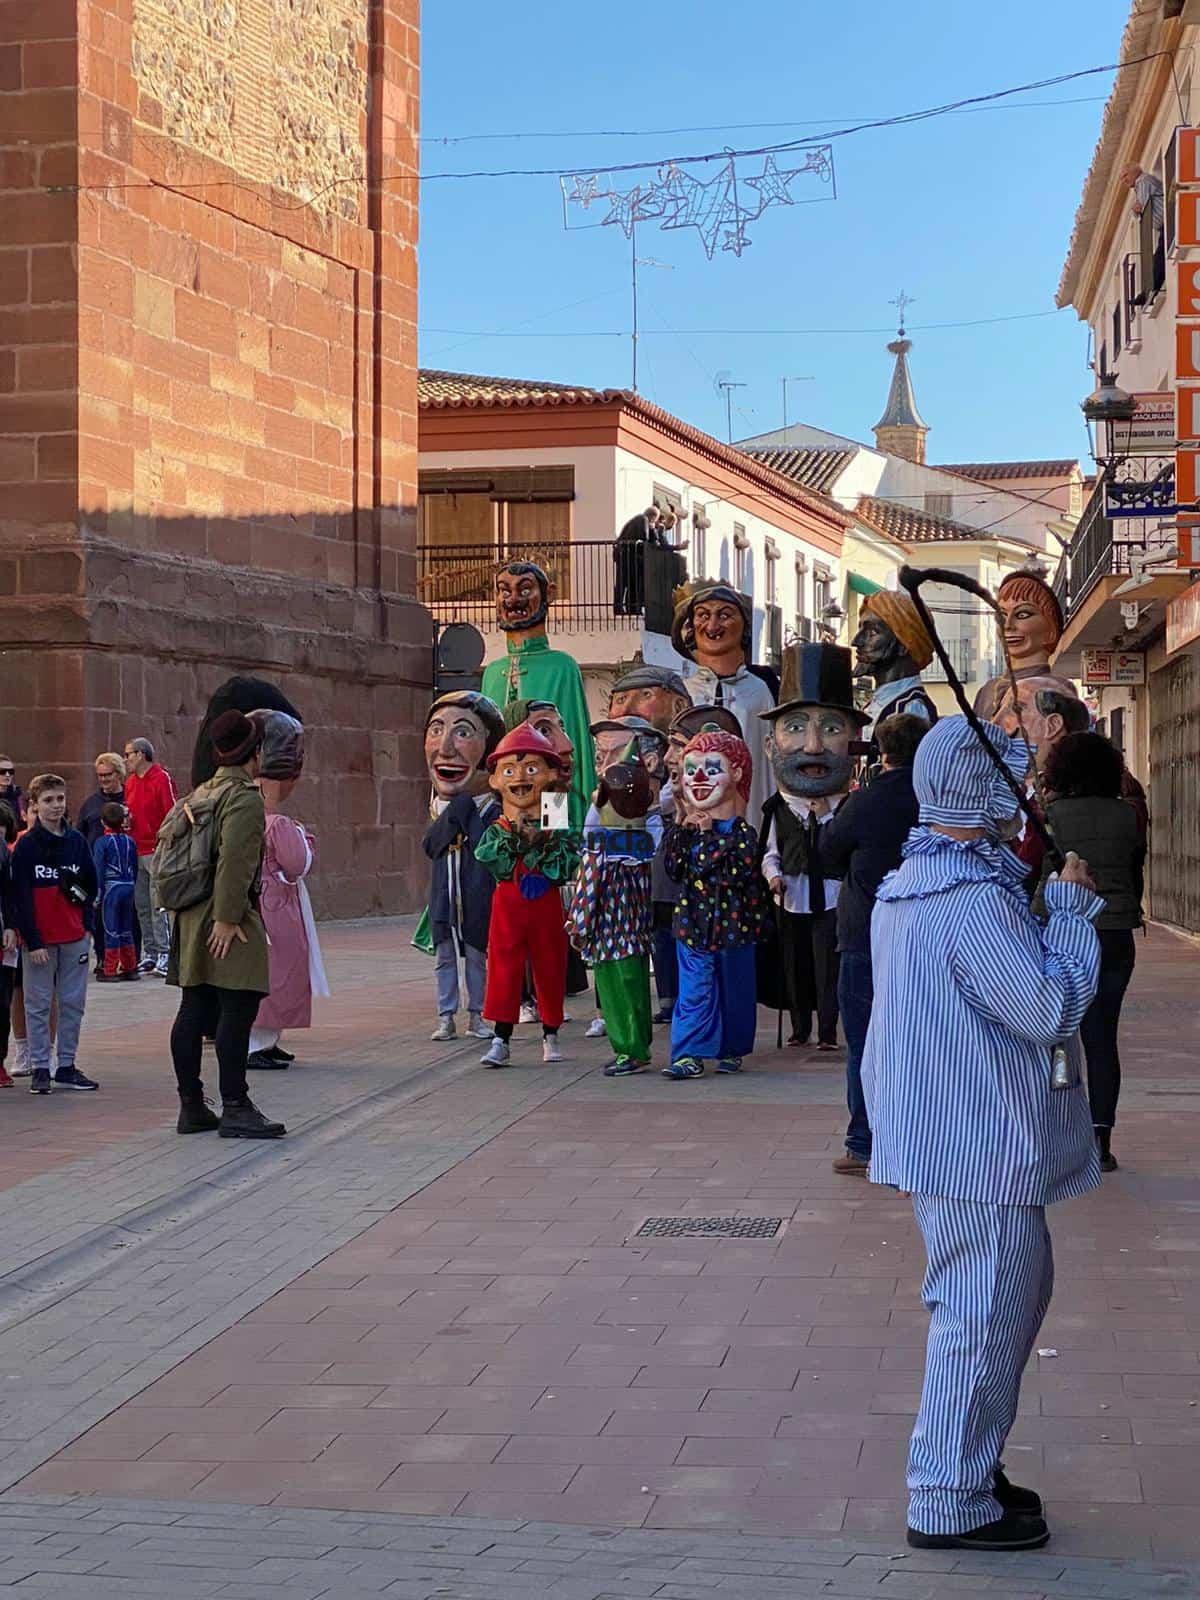 Carnaval herencia 2020 pasacalles domingo deseosas 38 - El Domingo de las Deseosas invita a todo el mundo al Carnaval de Herencia